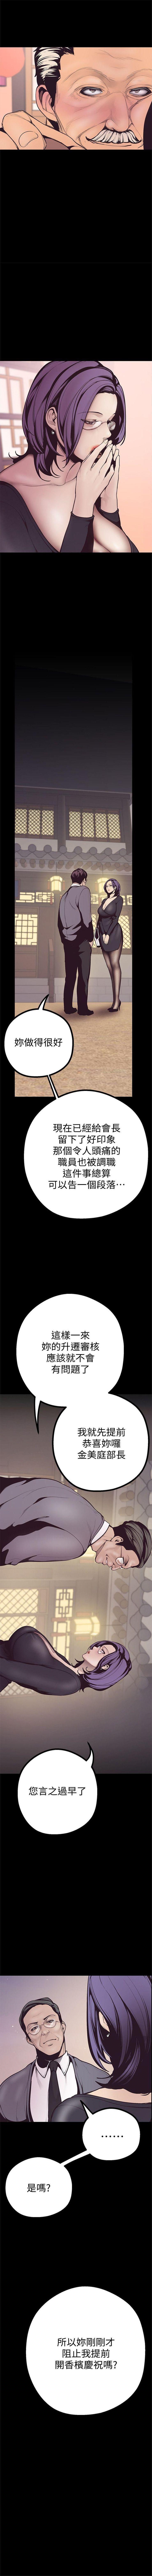 (週1)美麗新世界 1-76 中文翻譯 (更新中) 53